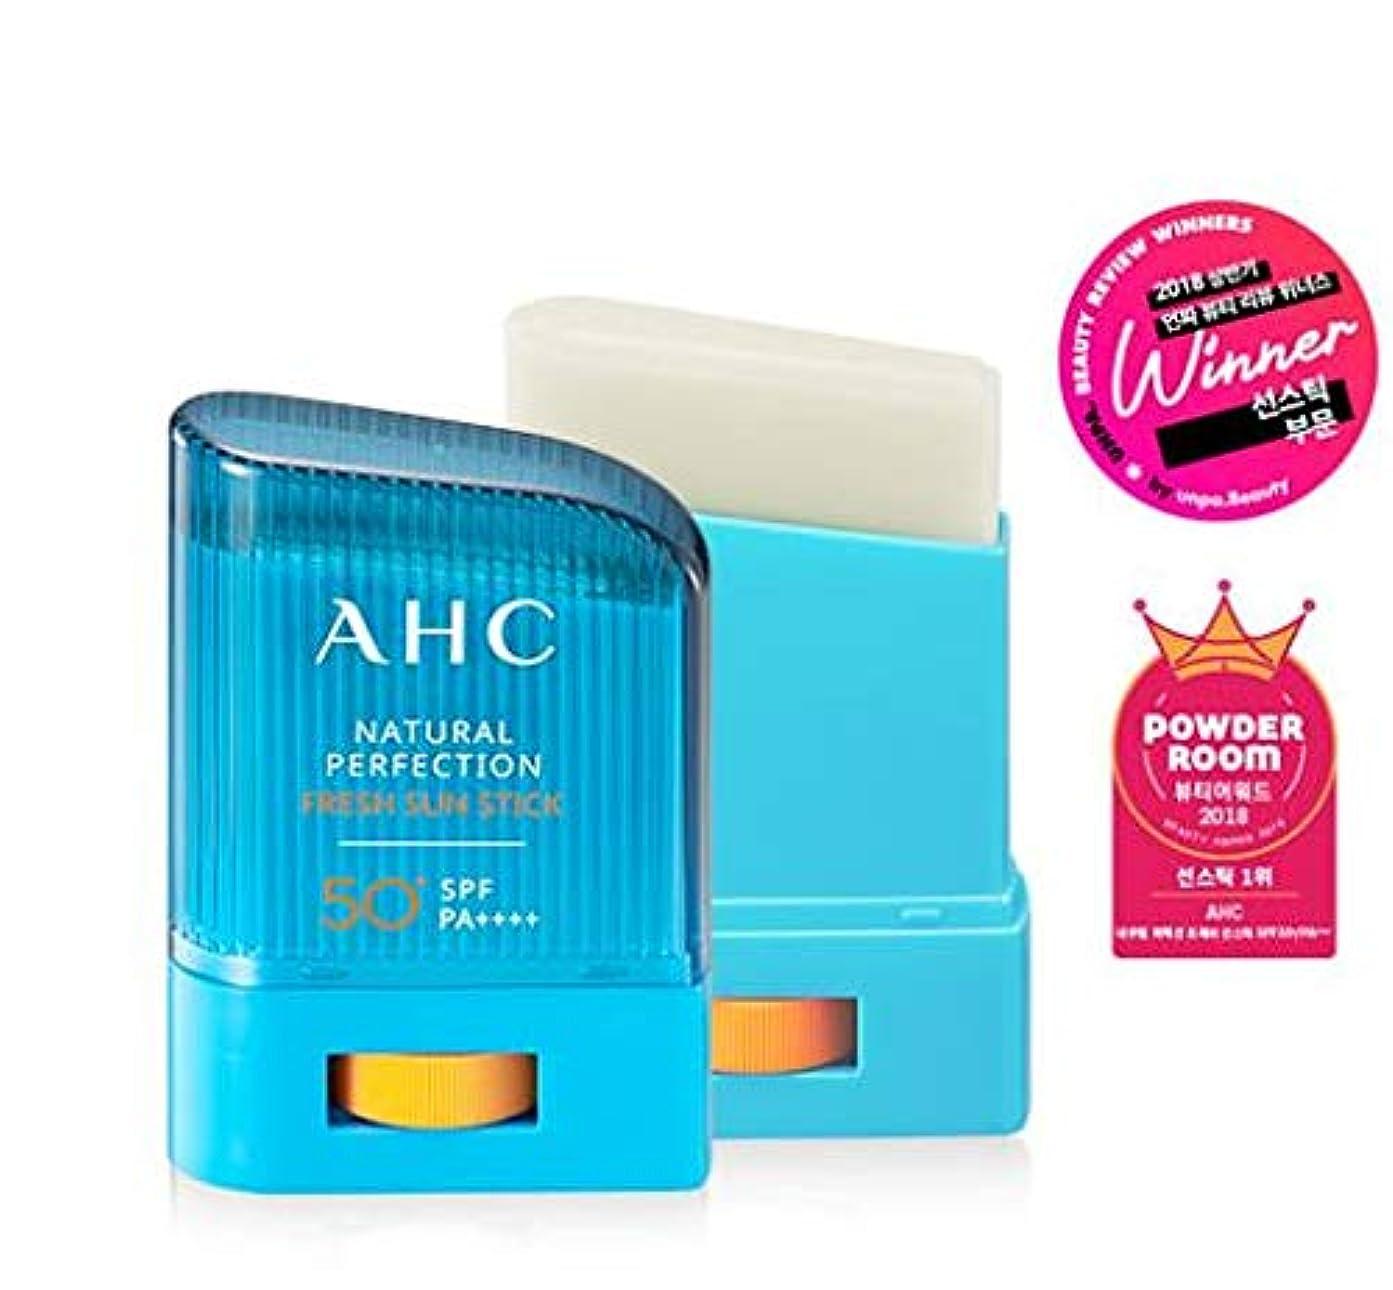 続ける段階調整[2019年Renewal] AHC ナチュラル サン スティック 14g/AHC Natural perfection fresh sun stick (14g) [並行輸入品]